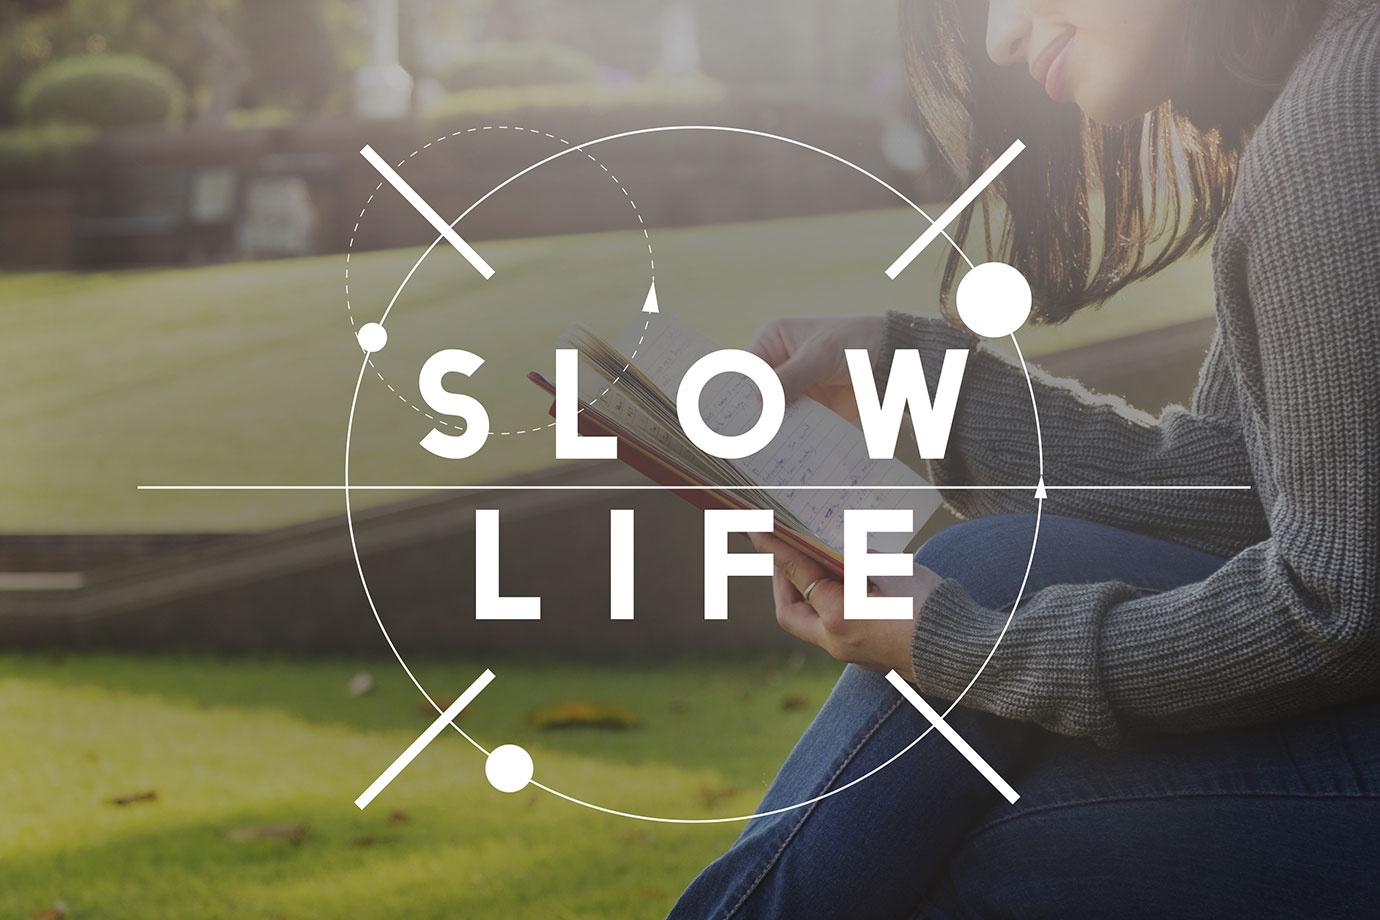 一人暮らしでスローライフを堪能するための6個の極意、ストレスフリーな生活を送ろう